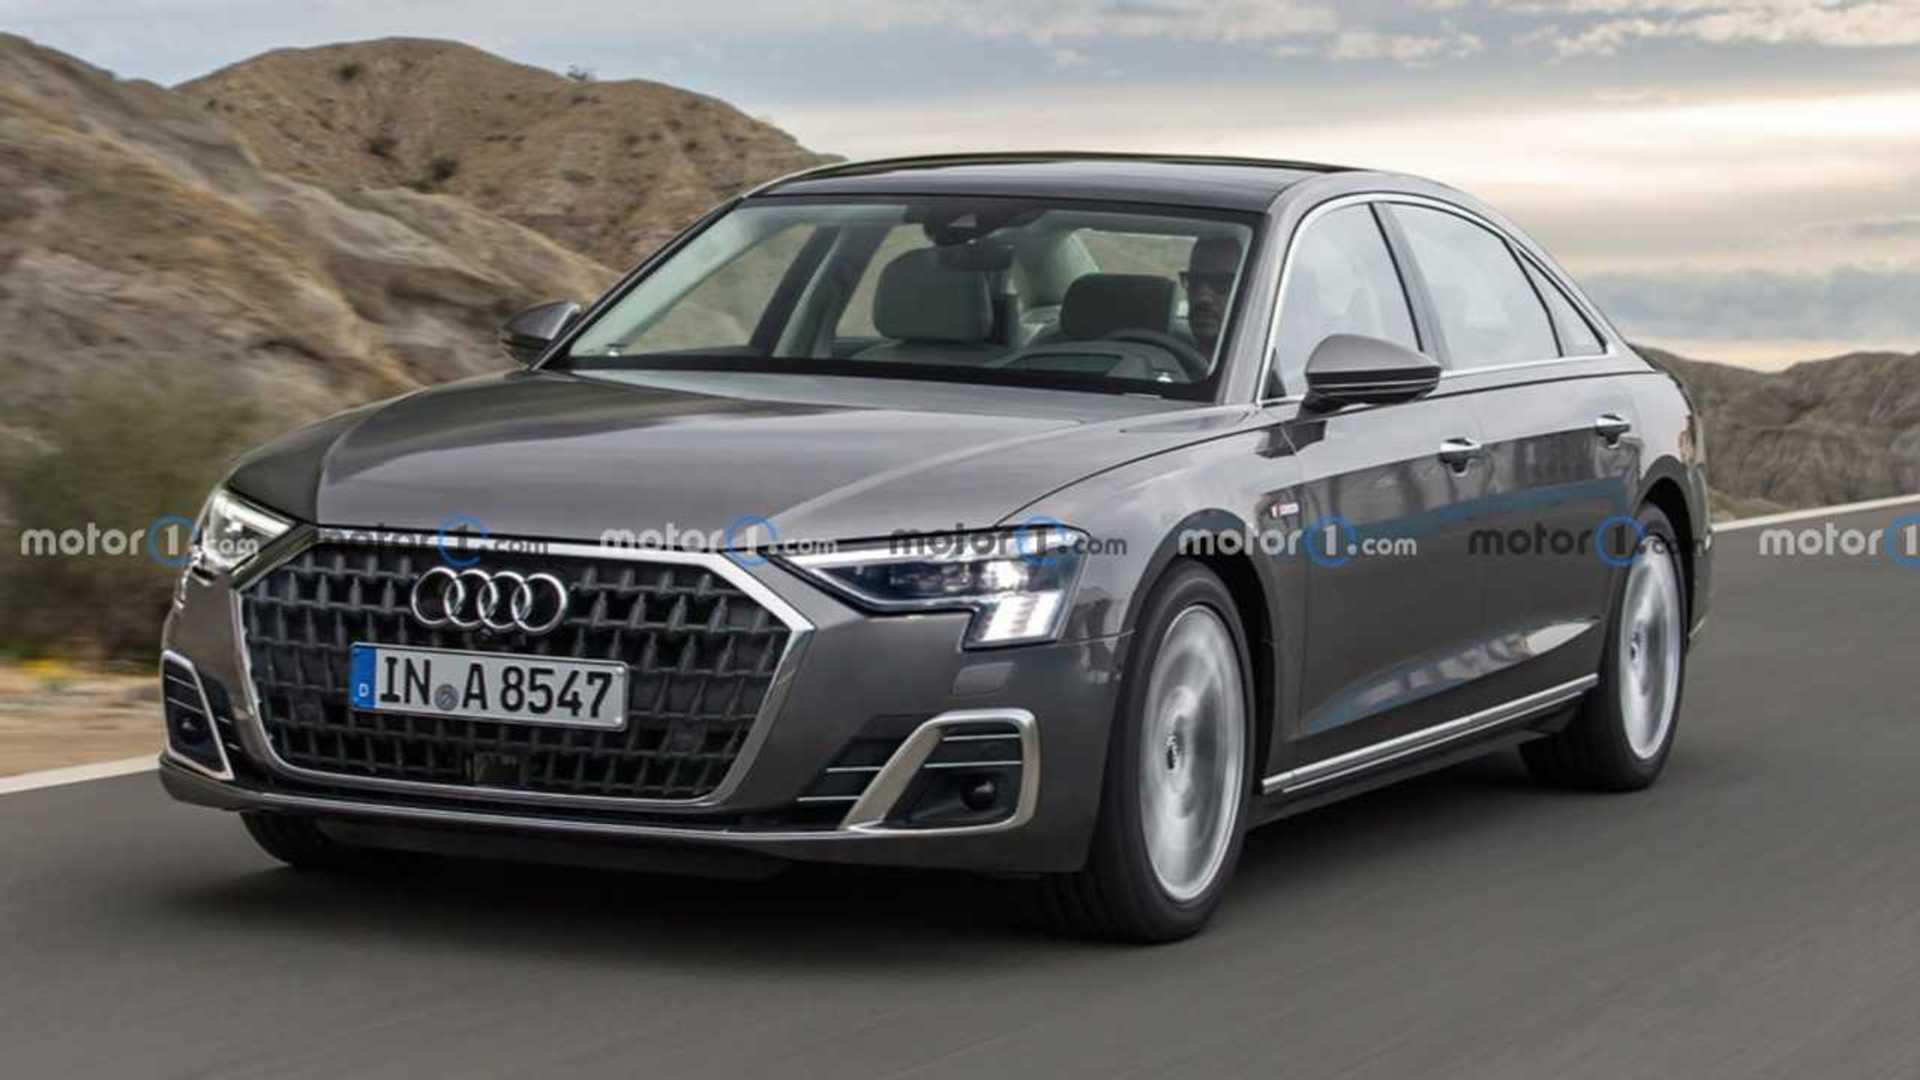 Kelebihan Kekurangan Audi 8 Top Model Tahun Ini